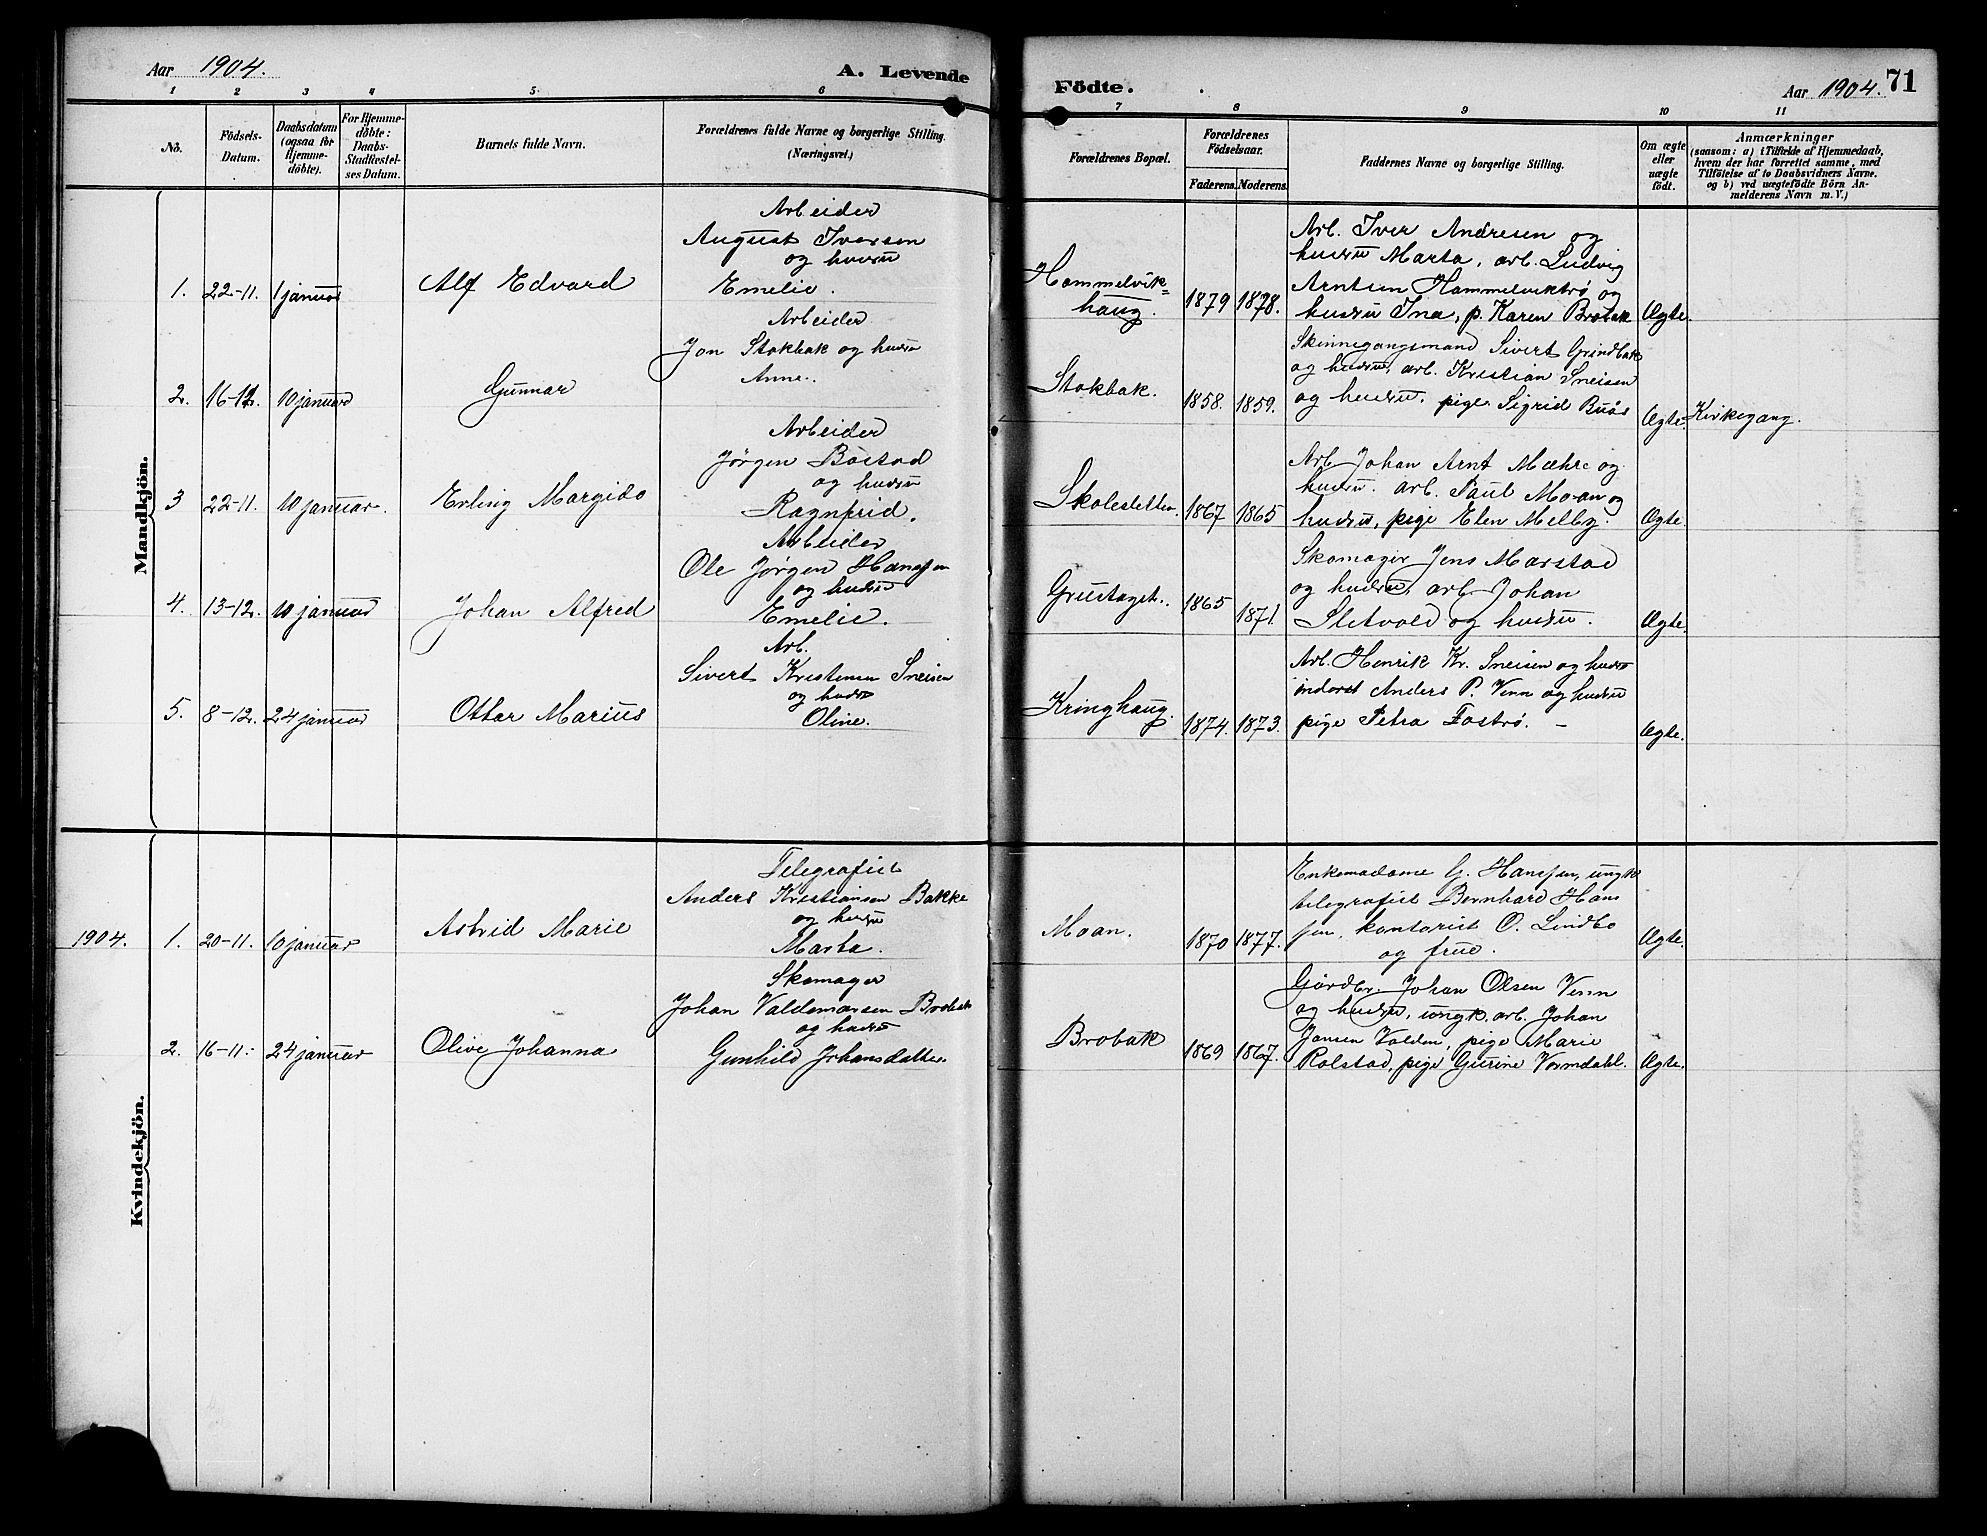 SAT, Ministerialprotokoller, klokkerbøker og fødselsregistre - Sør-Trøndelag, 617/L0431: Klokkerbok nr. 617C01, 1889-1910, s. 71